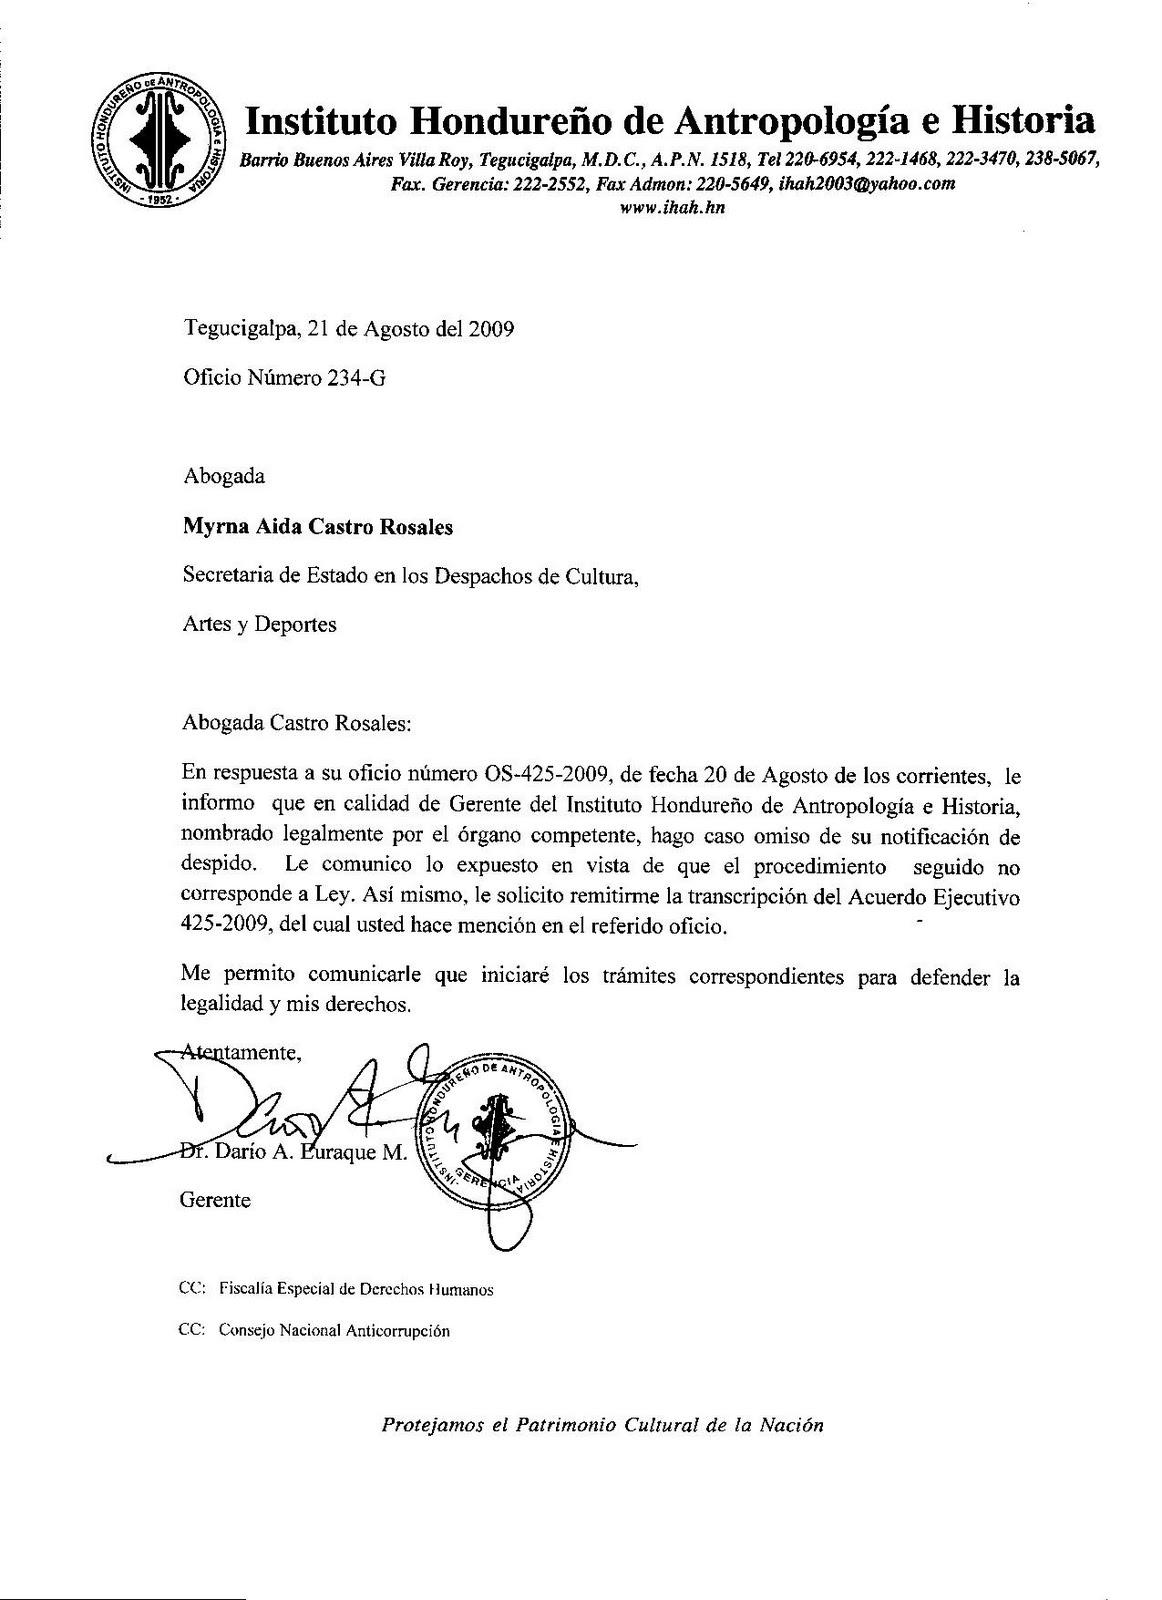 Respuesta del Dr. Euraque